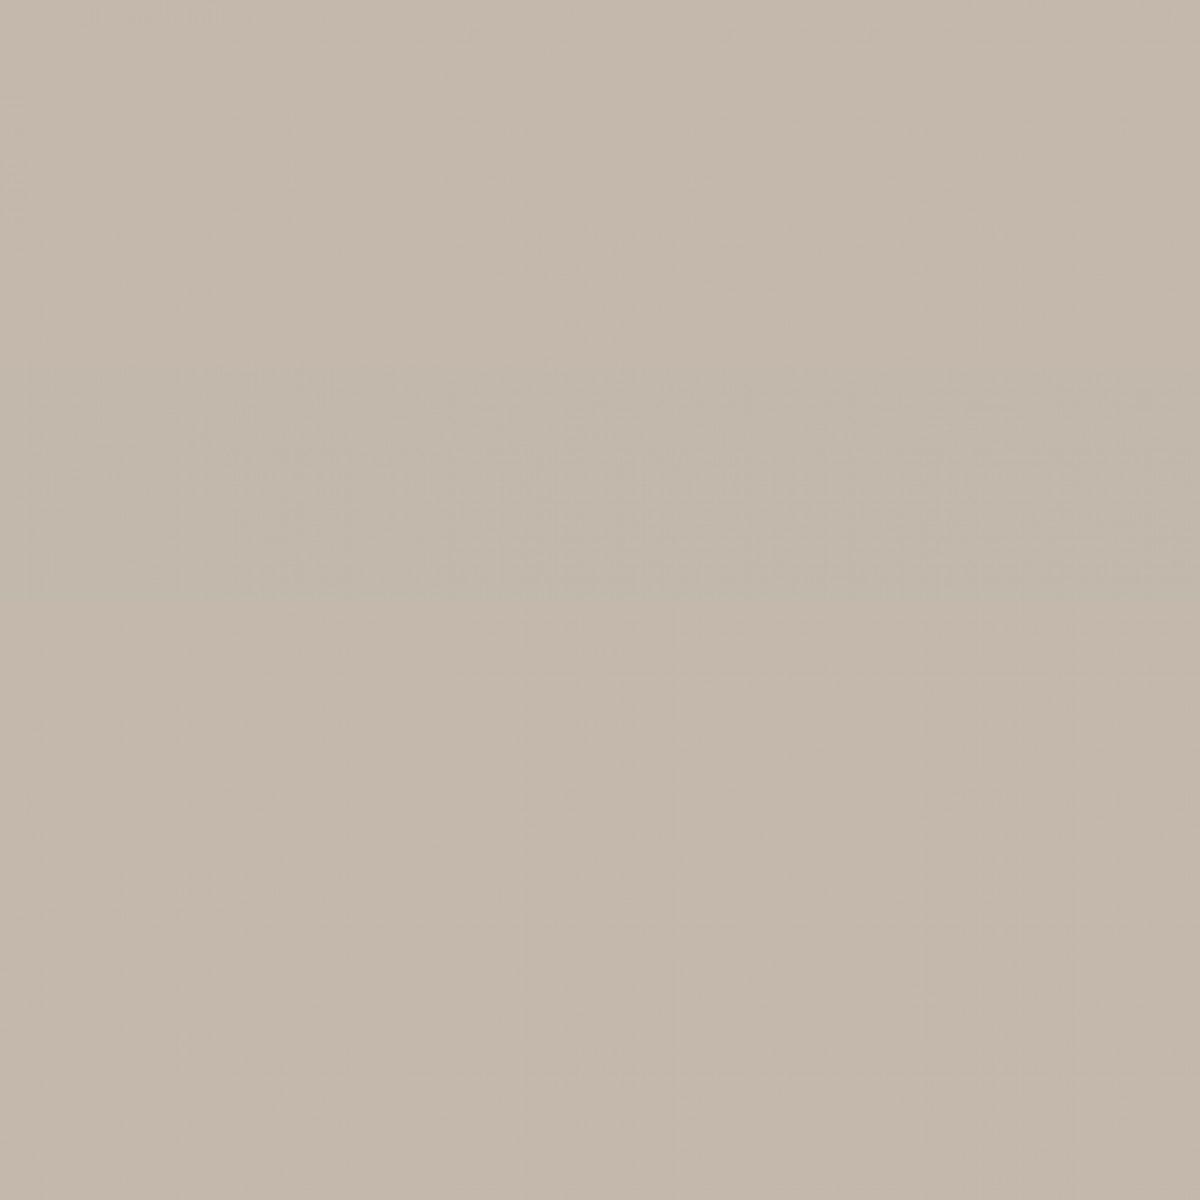 peinture caparol nuancier cool prb color minral plus kg with peinture caparol nuancier top. Black Bedroom Furniture Sets. Home Design Ideas